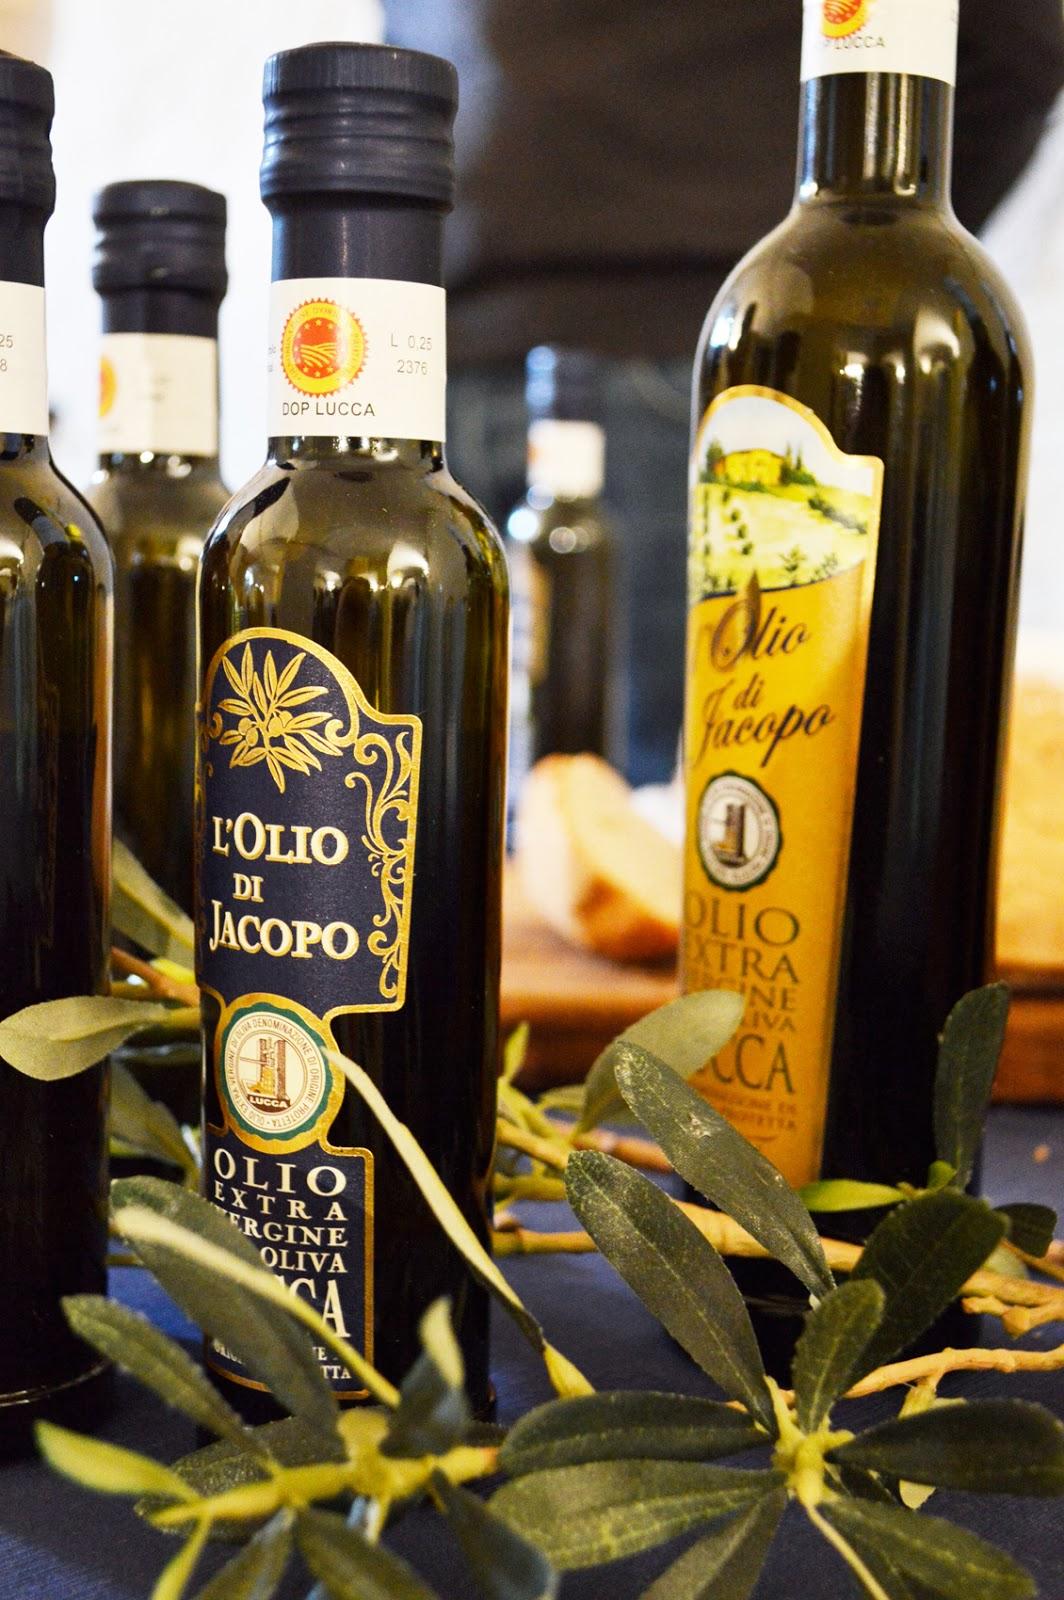 Olio di Jacopo